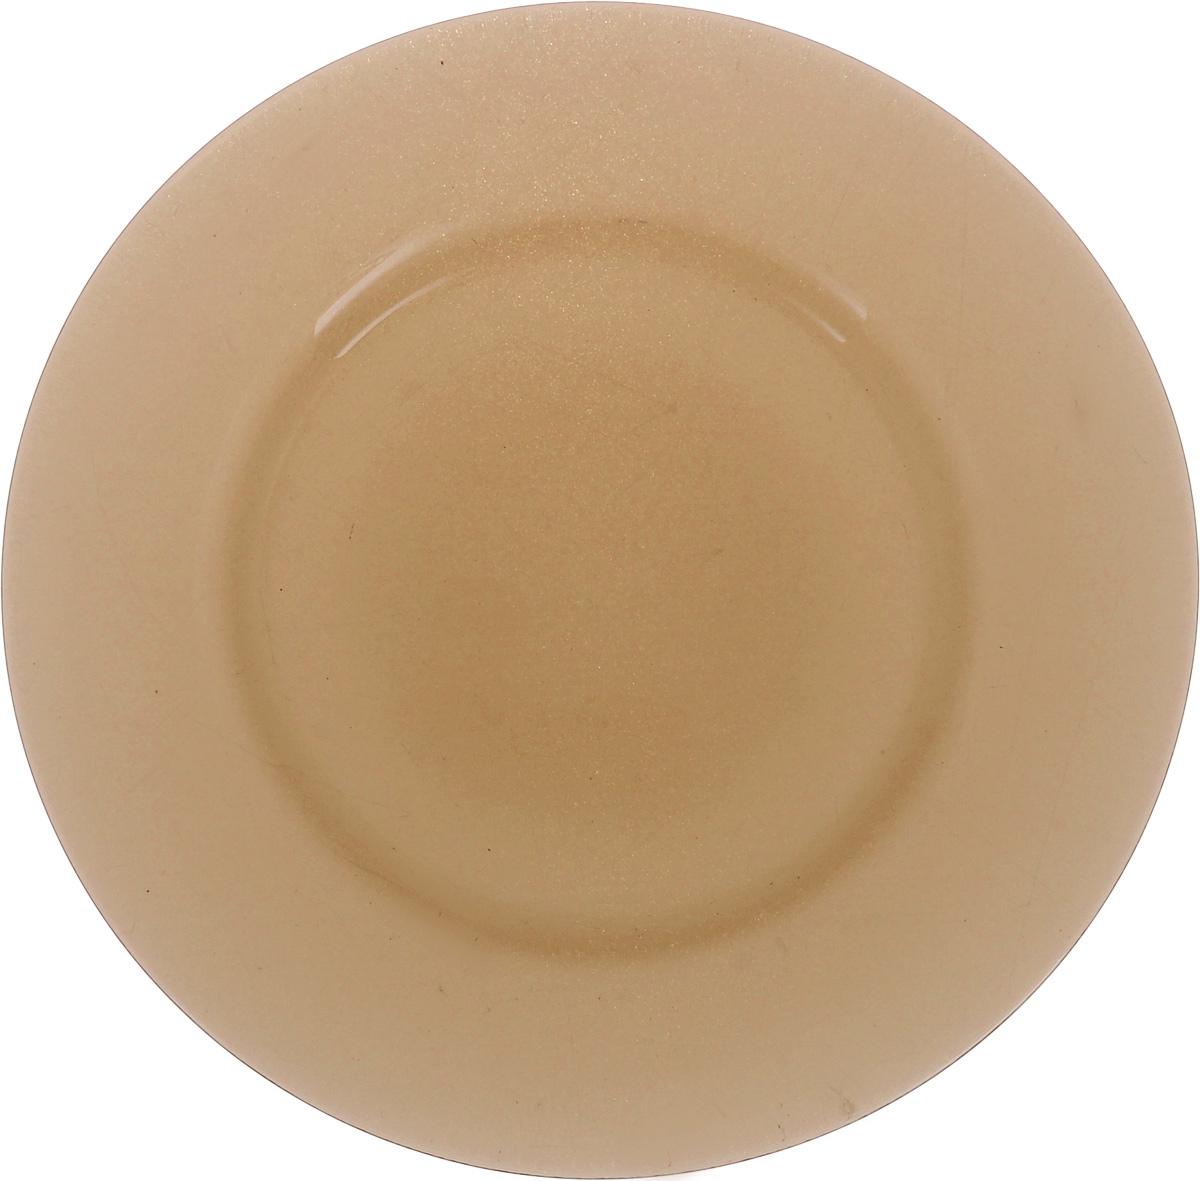 Тарелка обеденная Luminarc Directoire Eclipse, 25 смH0075Обеденная тарелка Luminarc Directoire Eclipse, изготовленная из высококачественного стекла,имеет изысканный внешний вид. Яркий дизайн придется по вкусу и ценителям классики,и тем, кто предпочитает утонченность. Тарелка Luminarc Directoire Eclipse идеально подойдет для сервировкистола и станет отличным подарком к любому празднику.Диаметр (по верхнему краю): 25 см.Высота тарелки: 2 см.